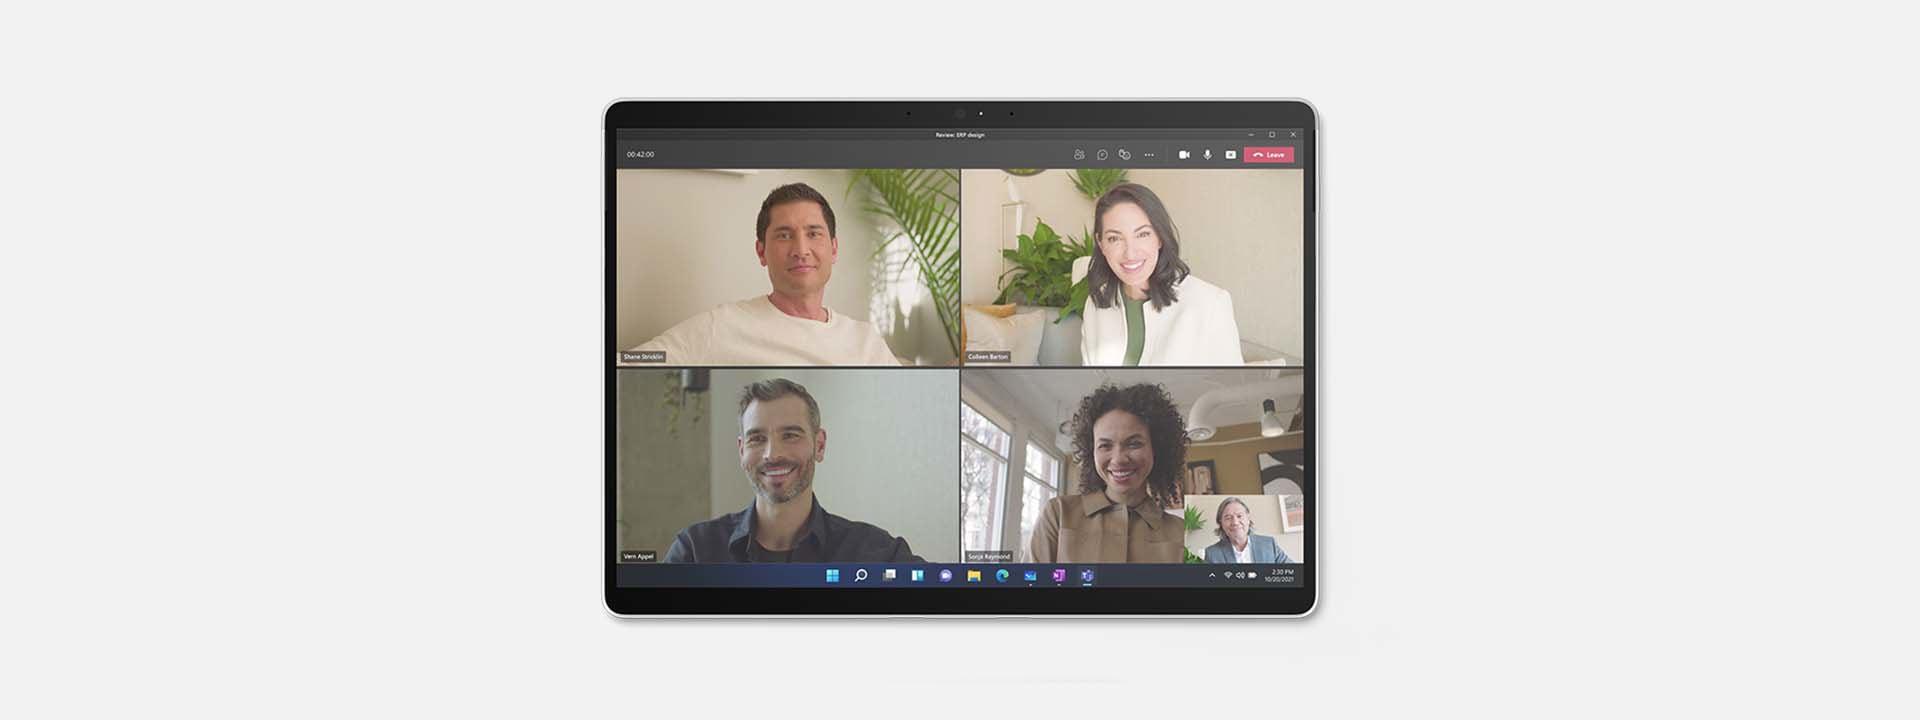 展示採用平板電腦模式的 Surface Pro X 與畫面上的 Teams 會議